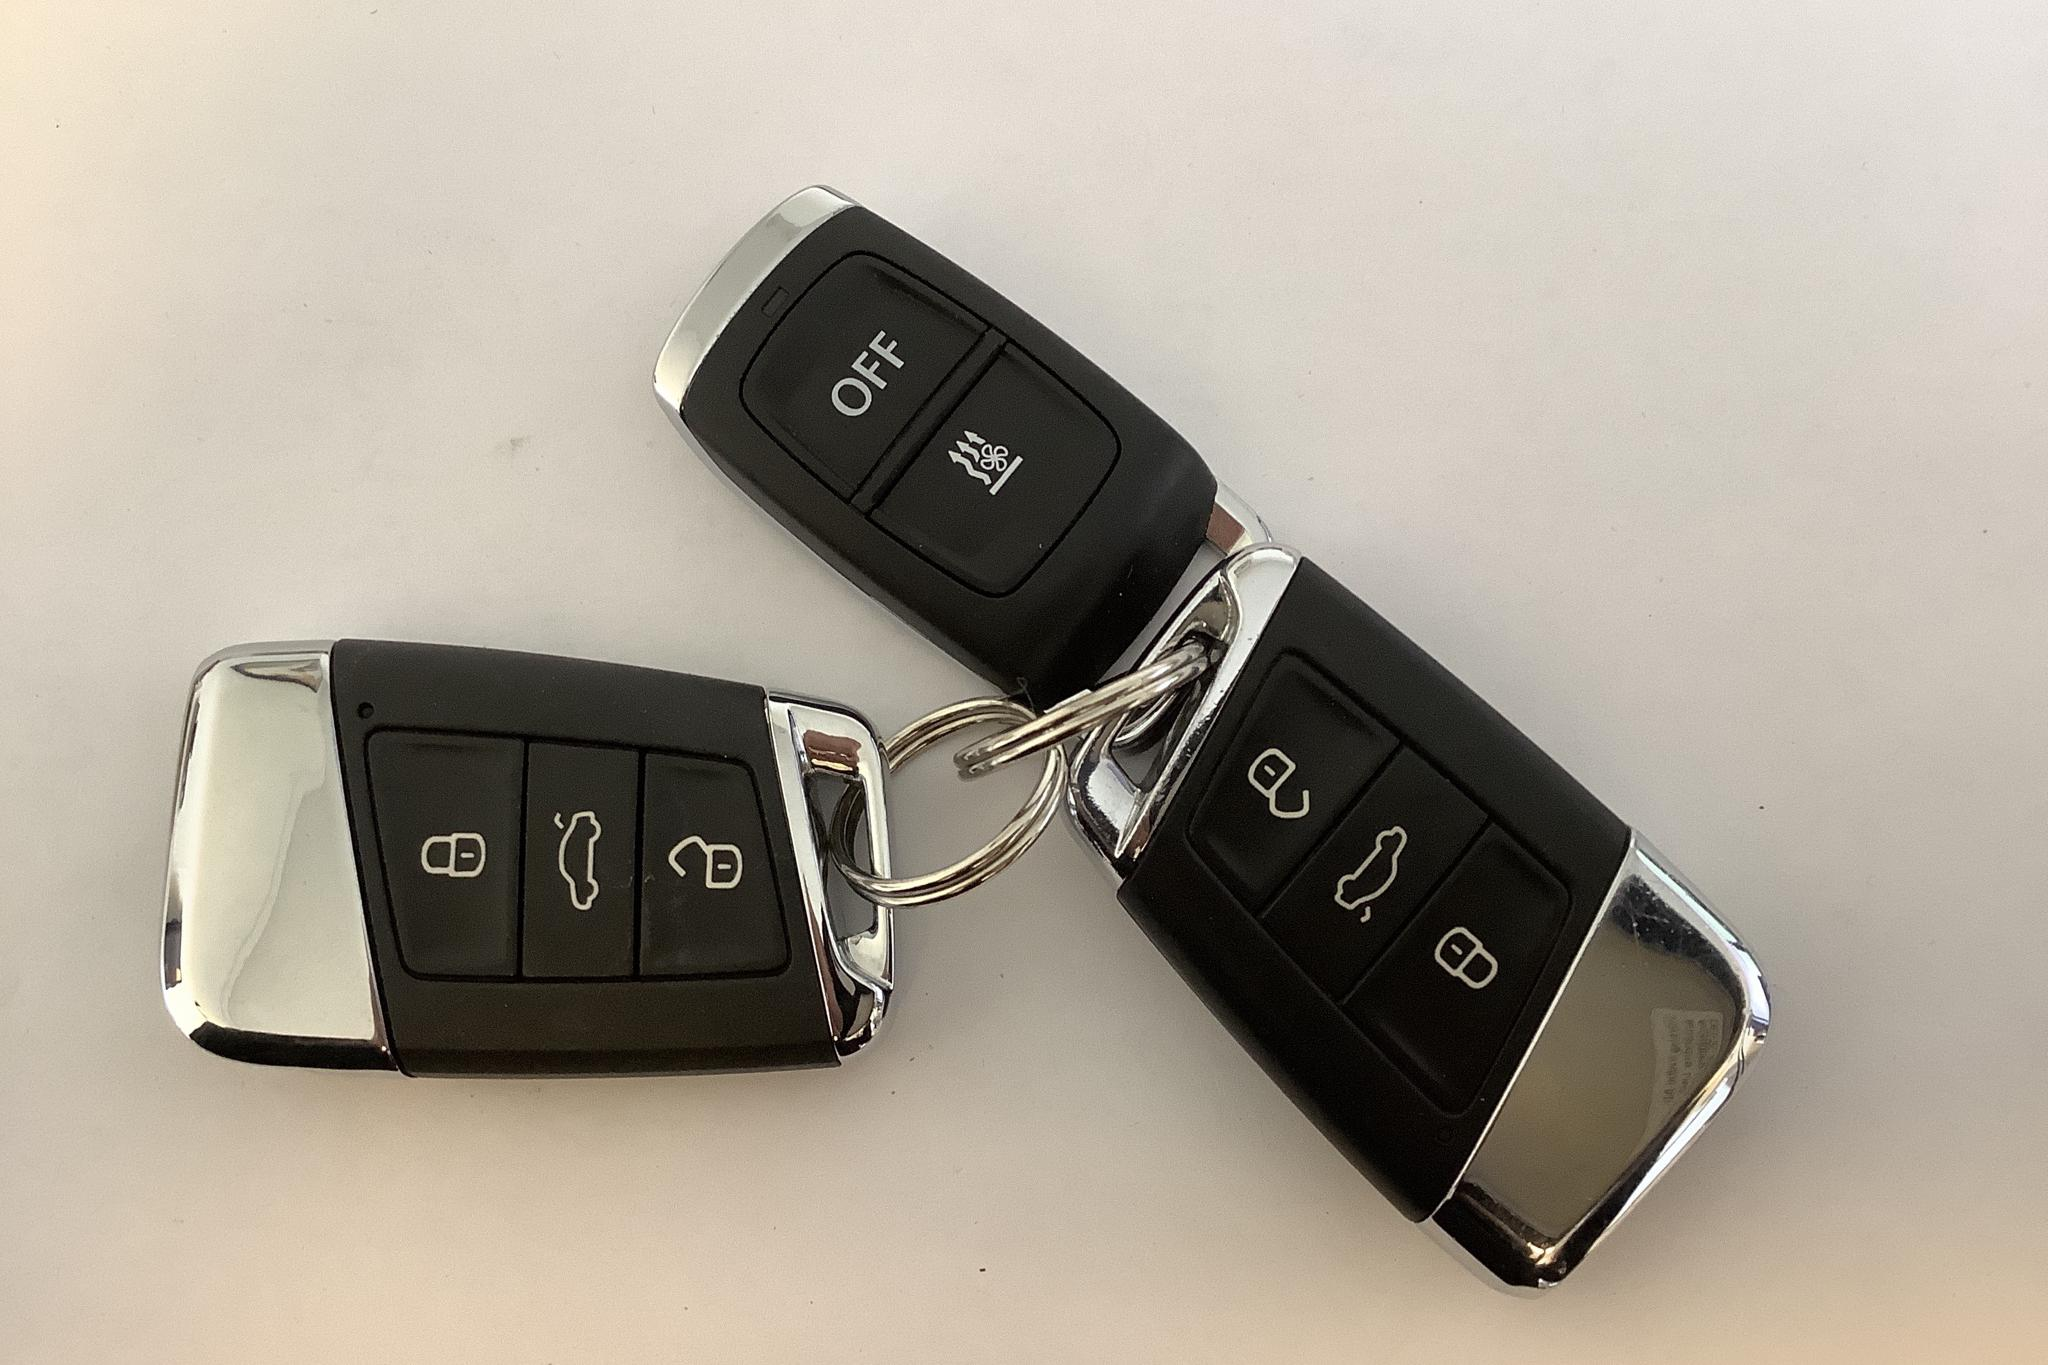 VW Passat 2.0 TDI Sportscombi 4MOTION (190hk) - 18 385 mil - Automat - vit - 2018